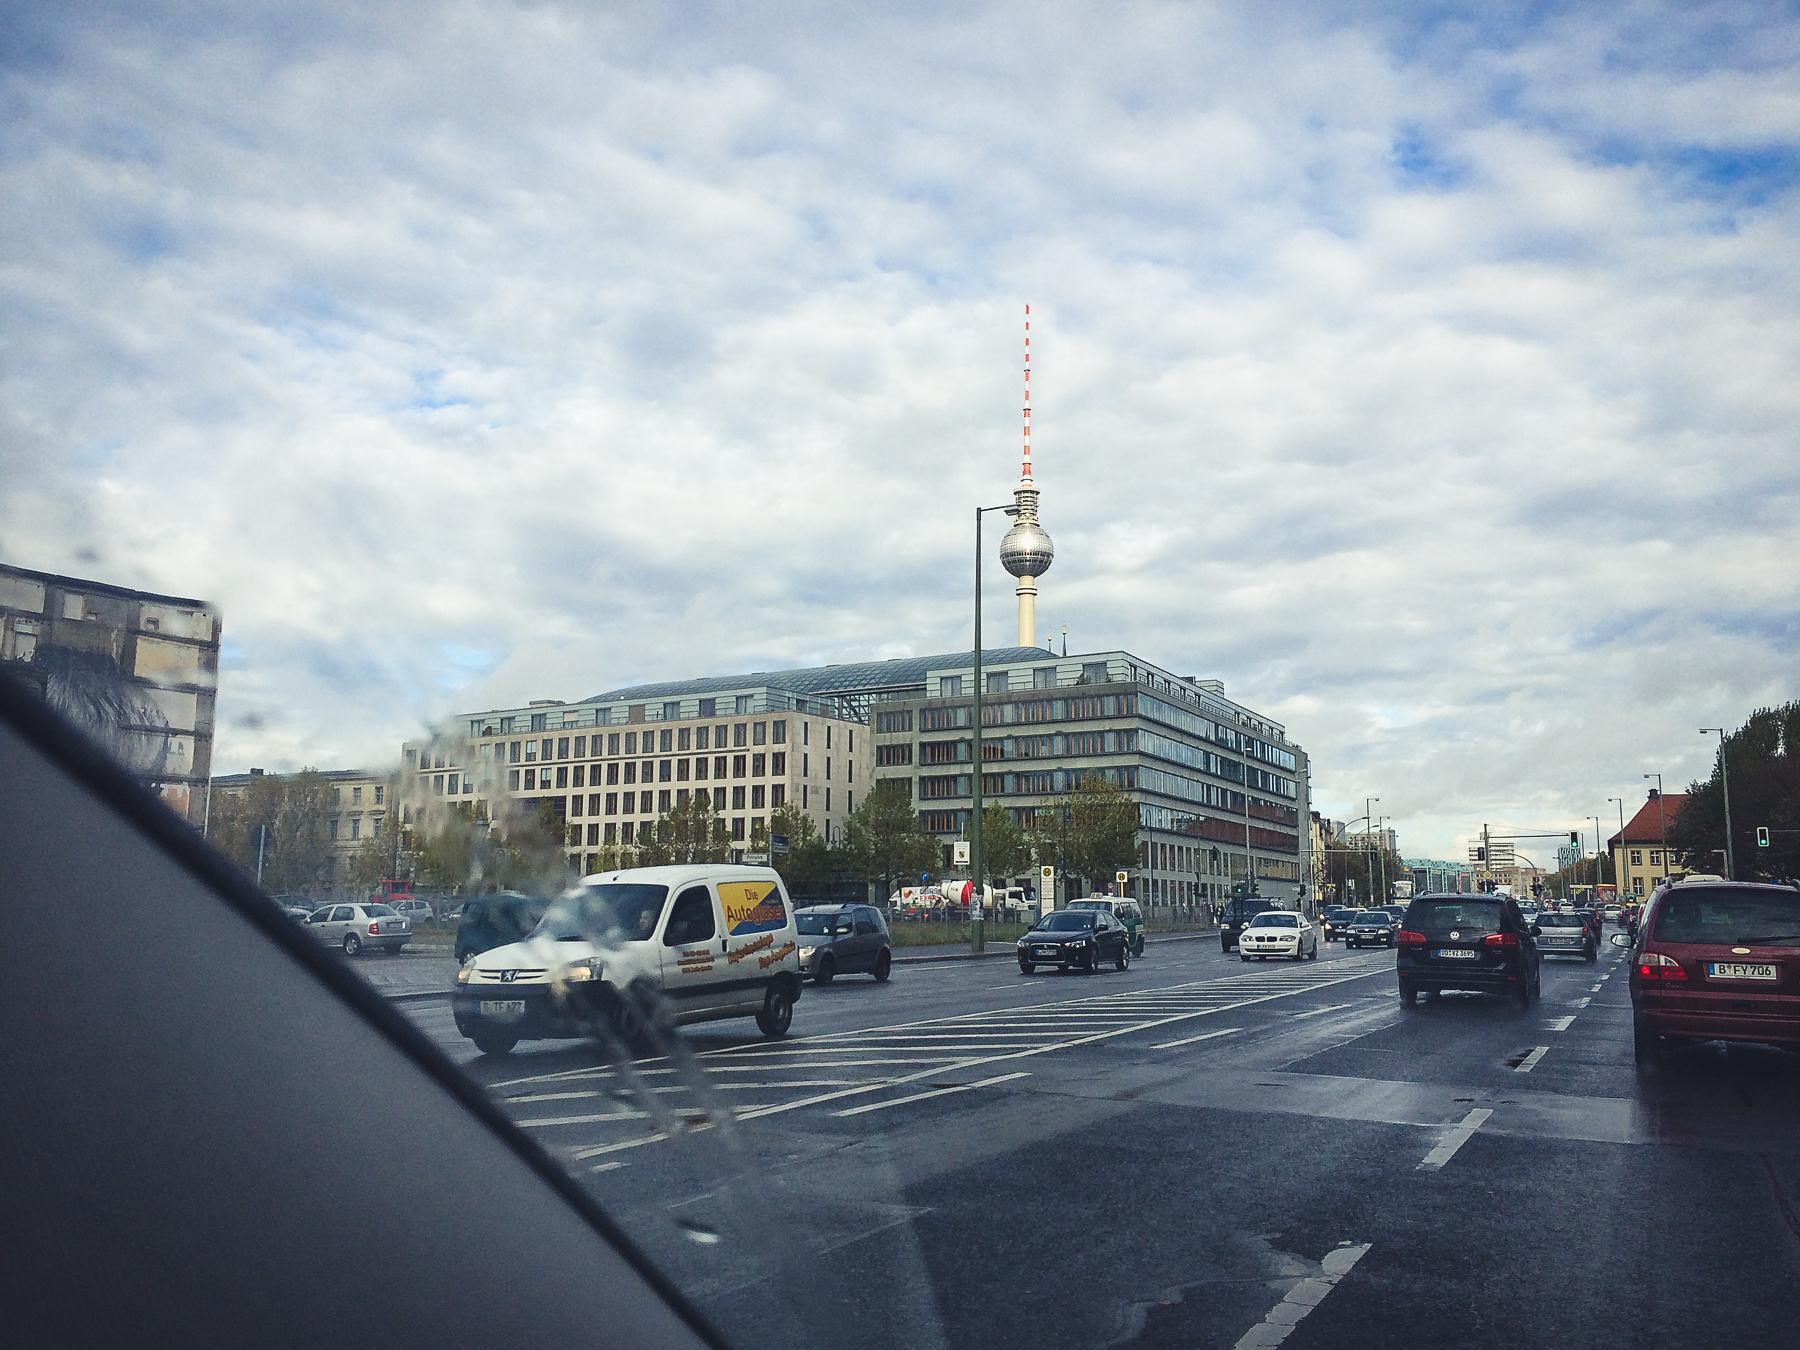 Der-Wiegelmann-in-Berlin-06